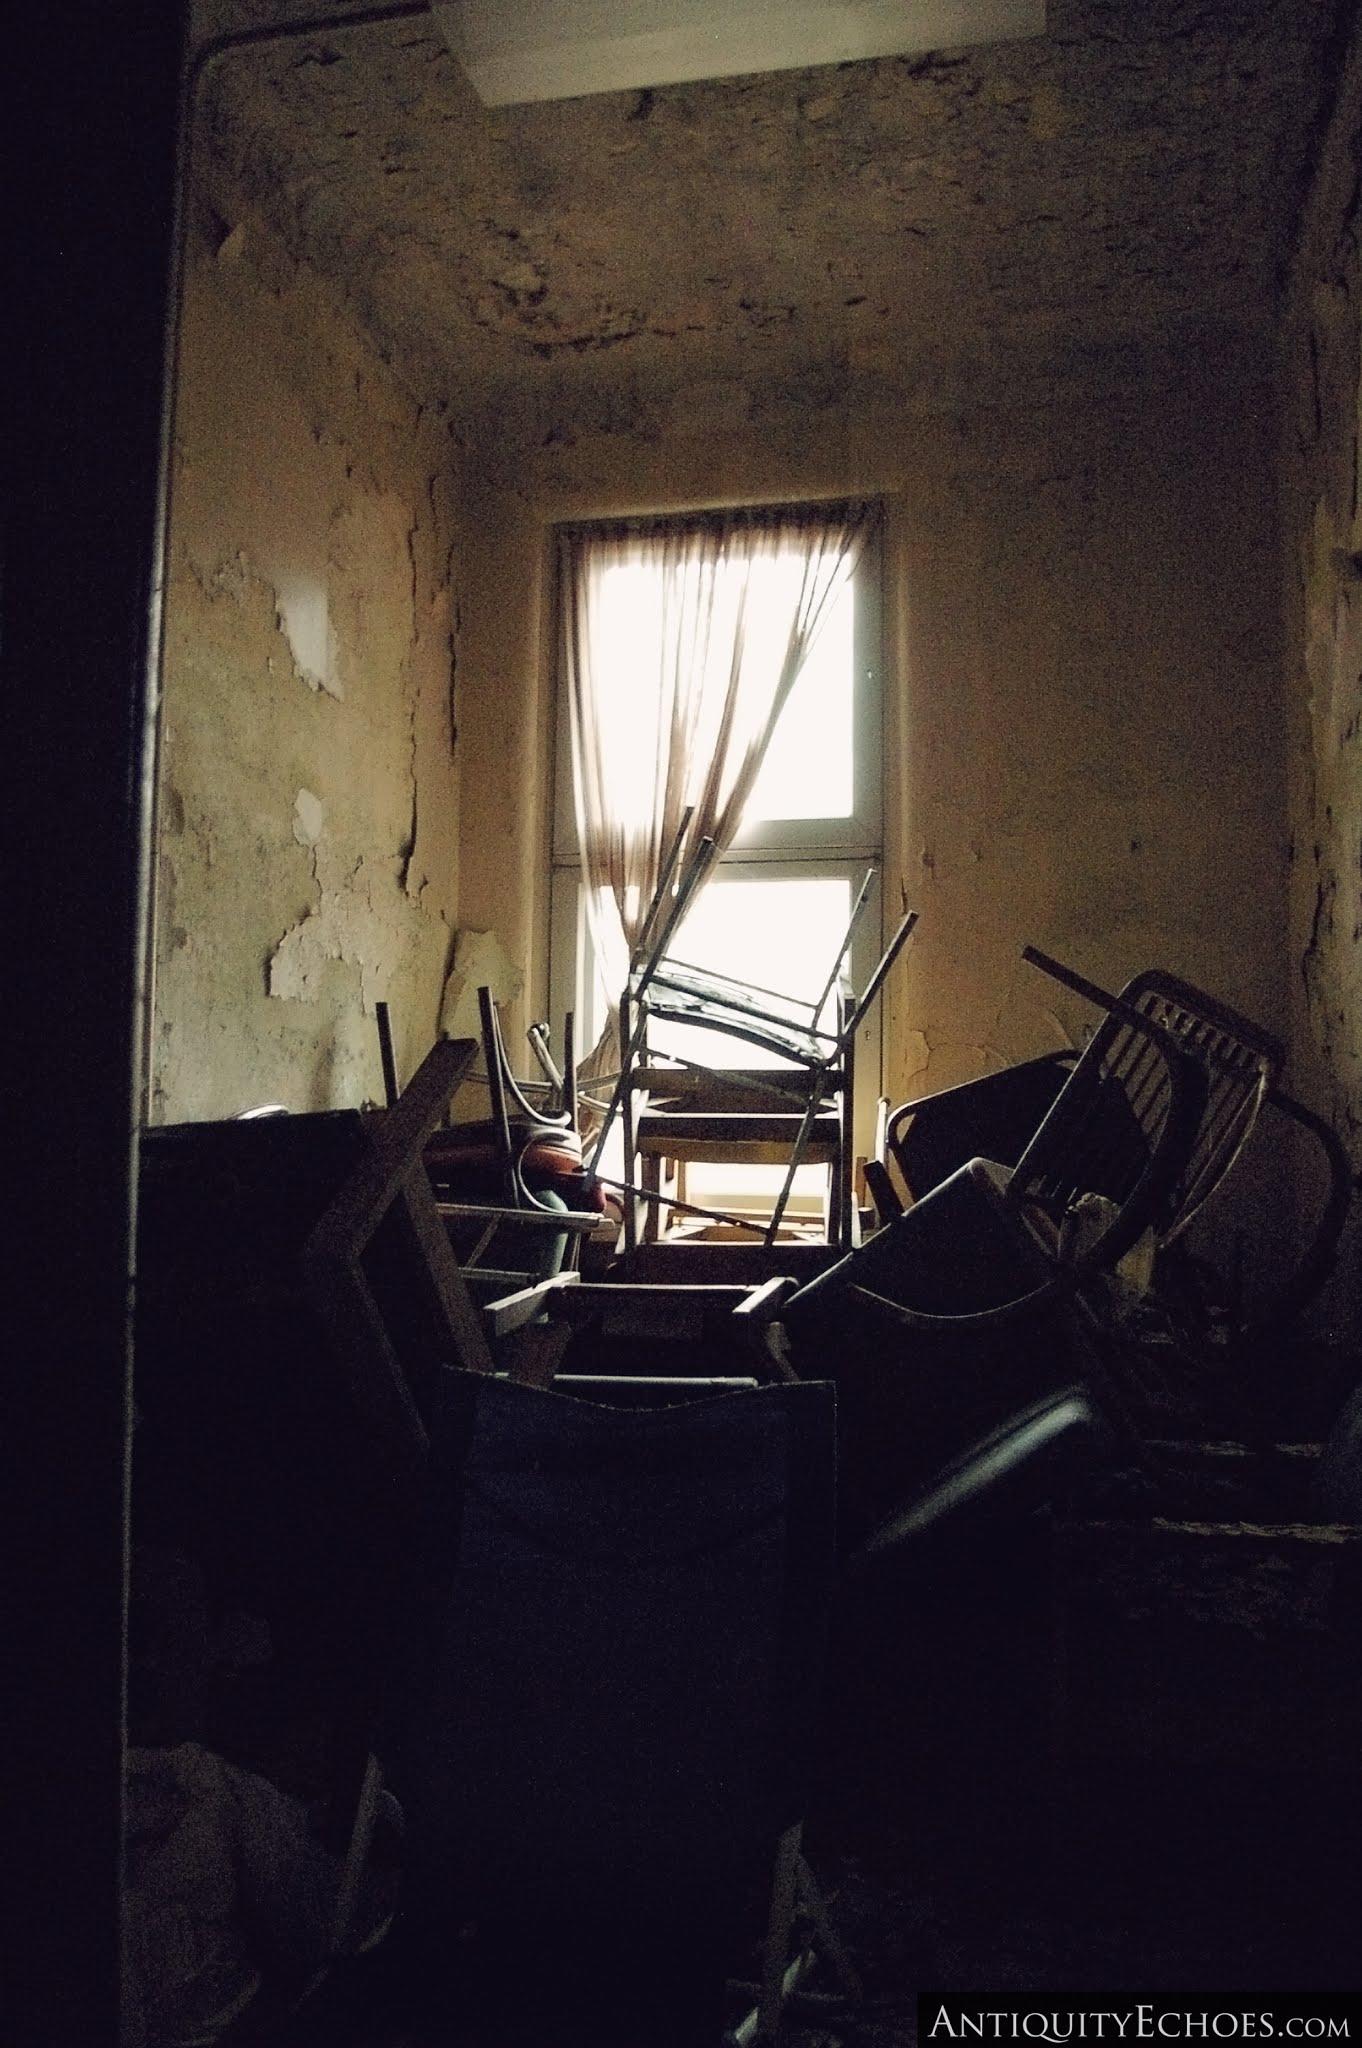 Overbrook Asylum - Stacked